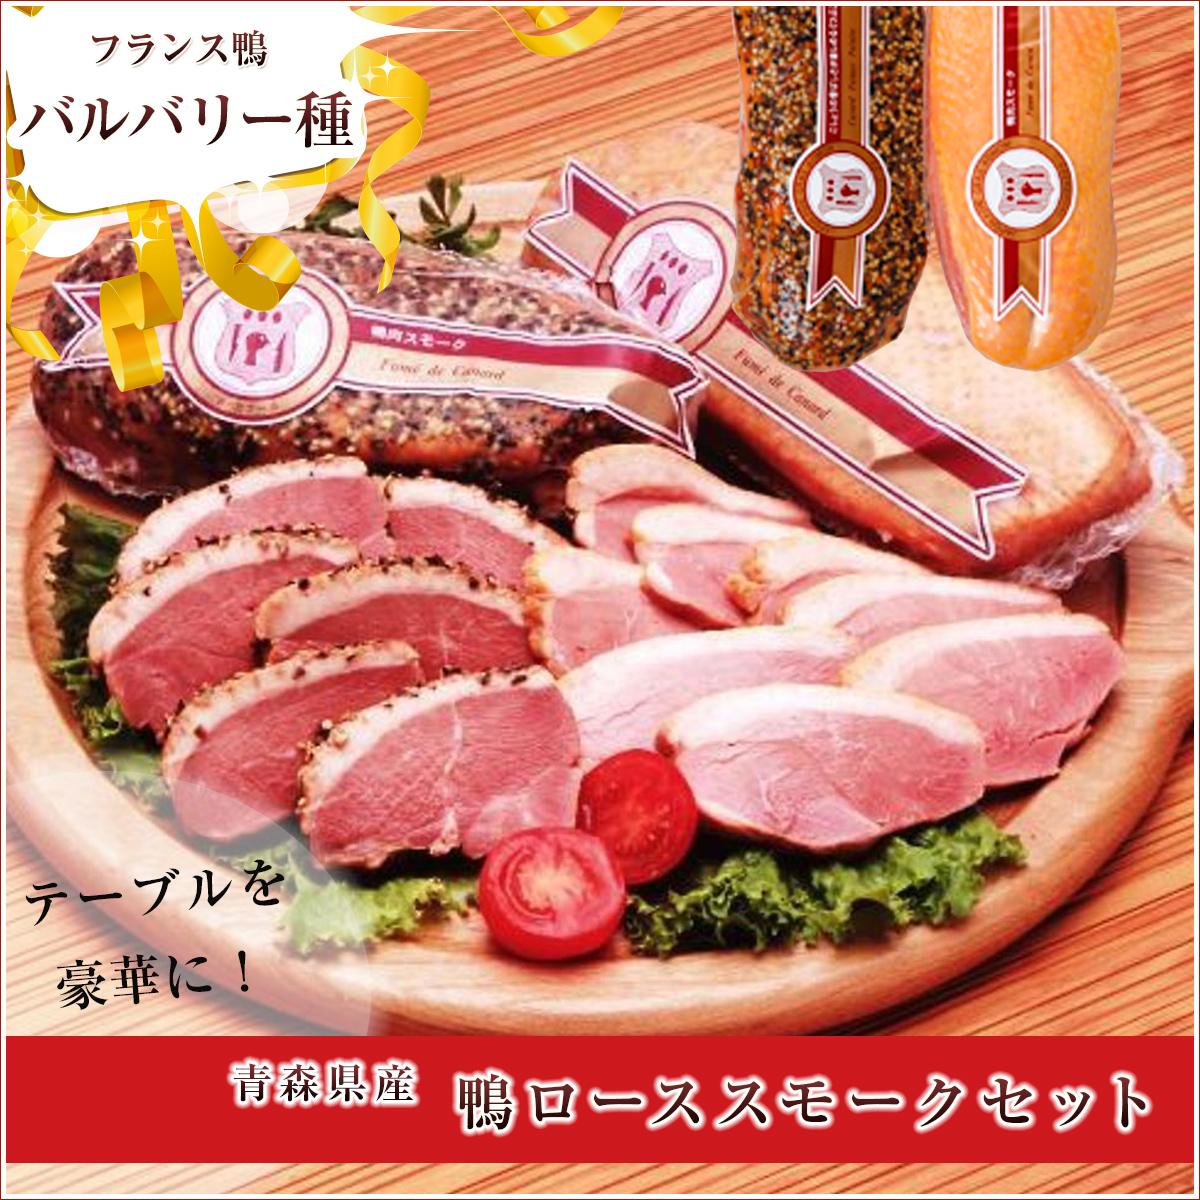 バルバリー種 青森県産鴨ローススモークセット(ノーマル・ブラックペッパー)各約250g(鴨肉)